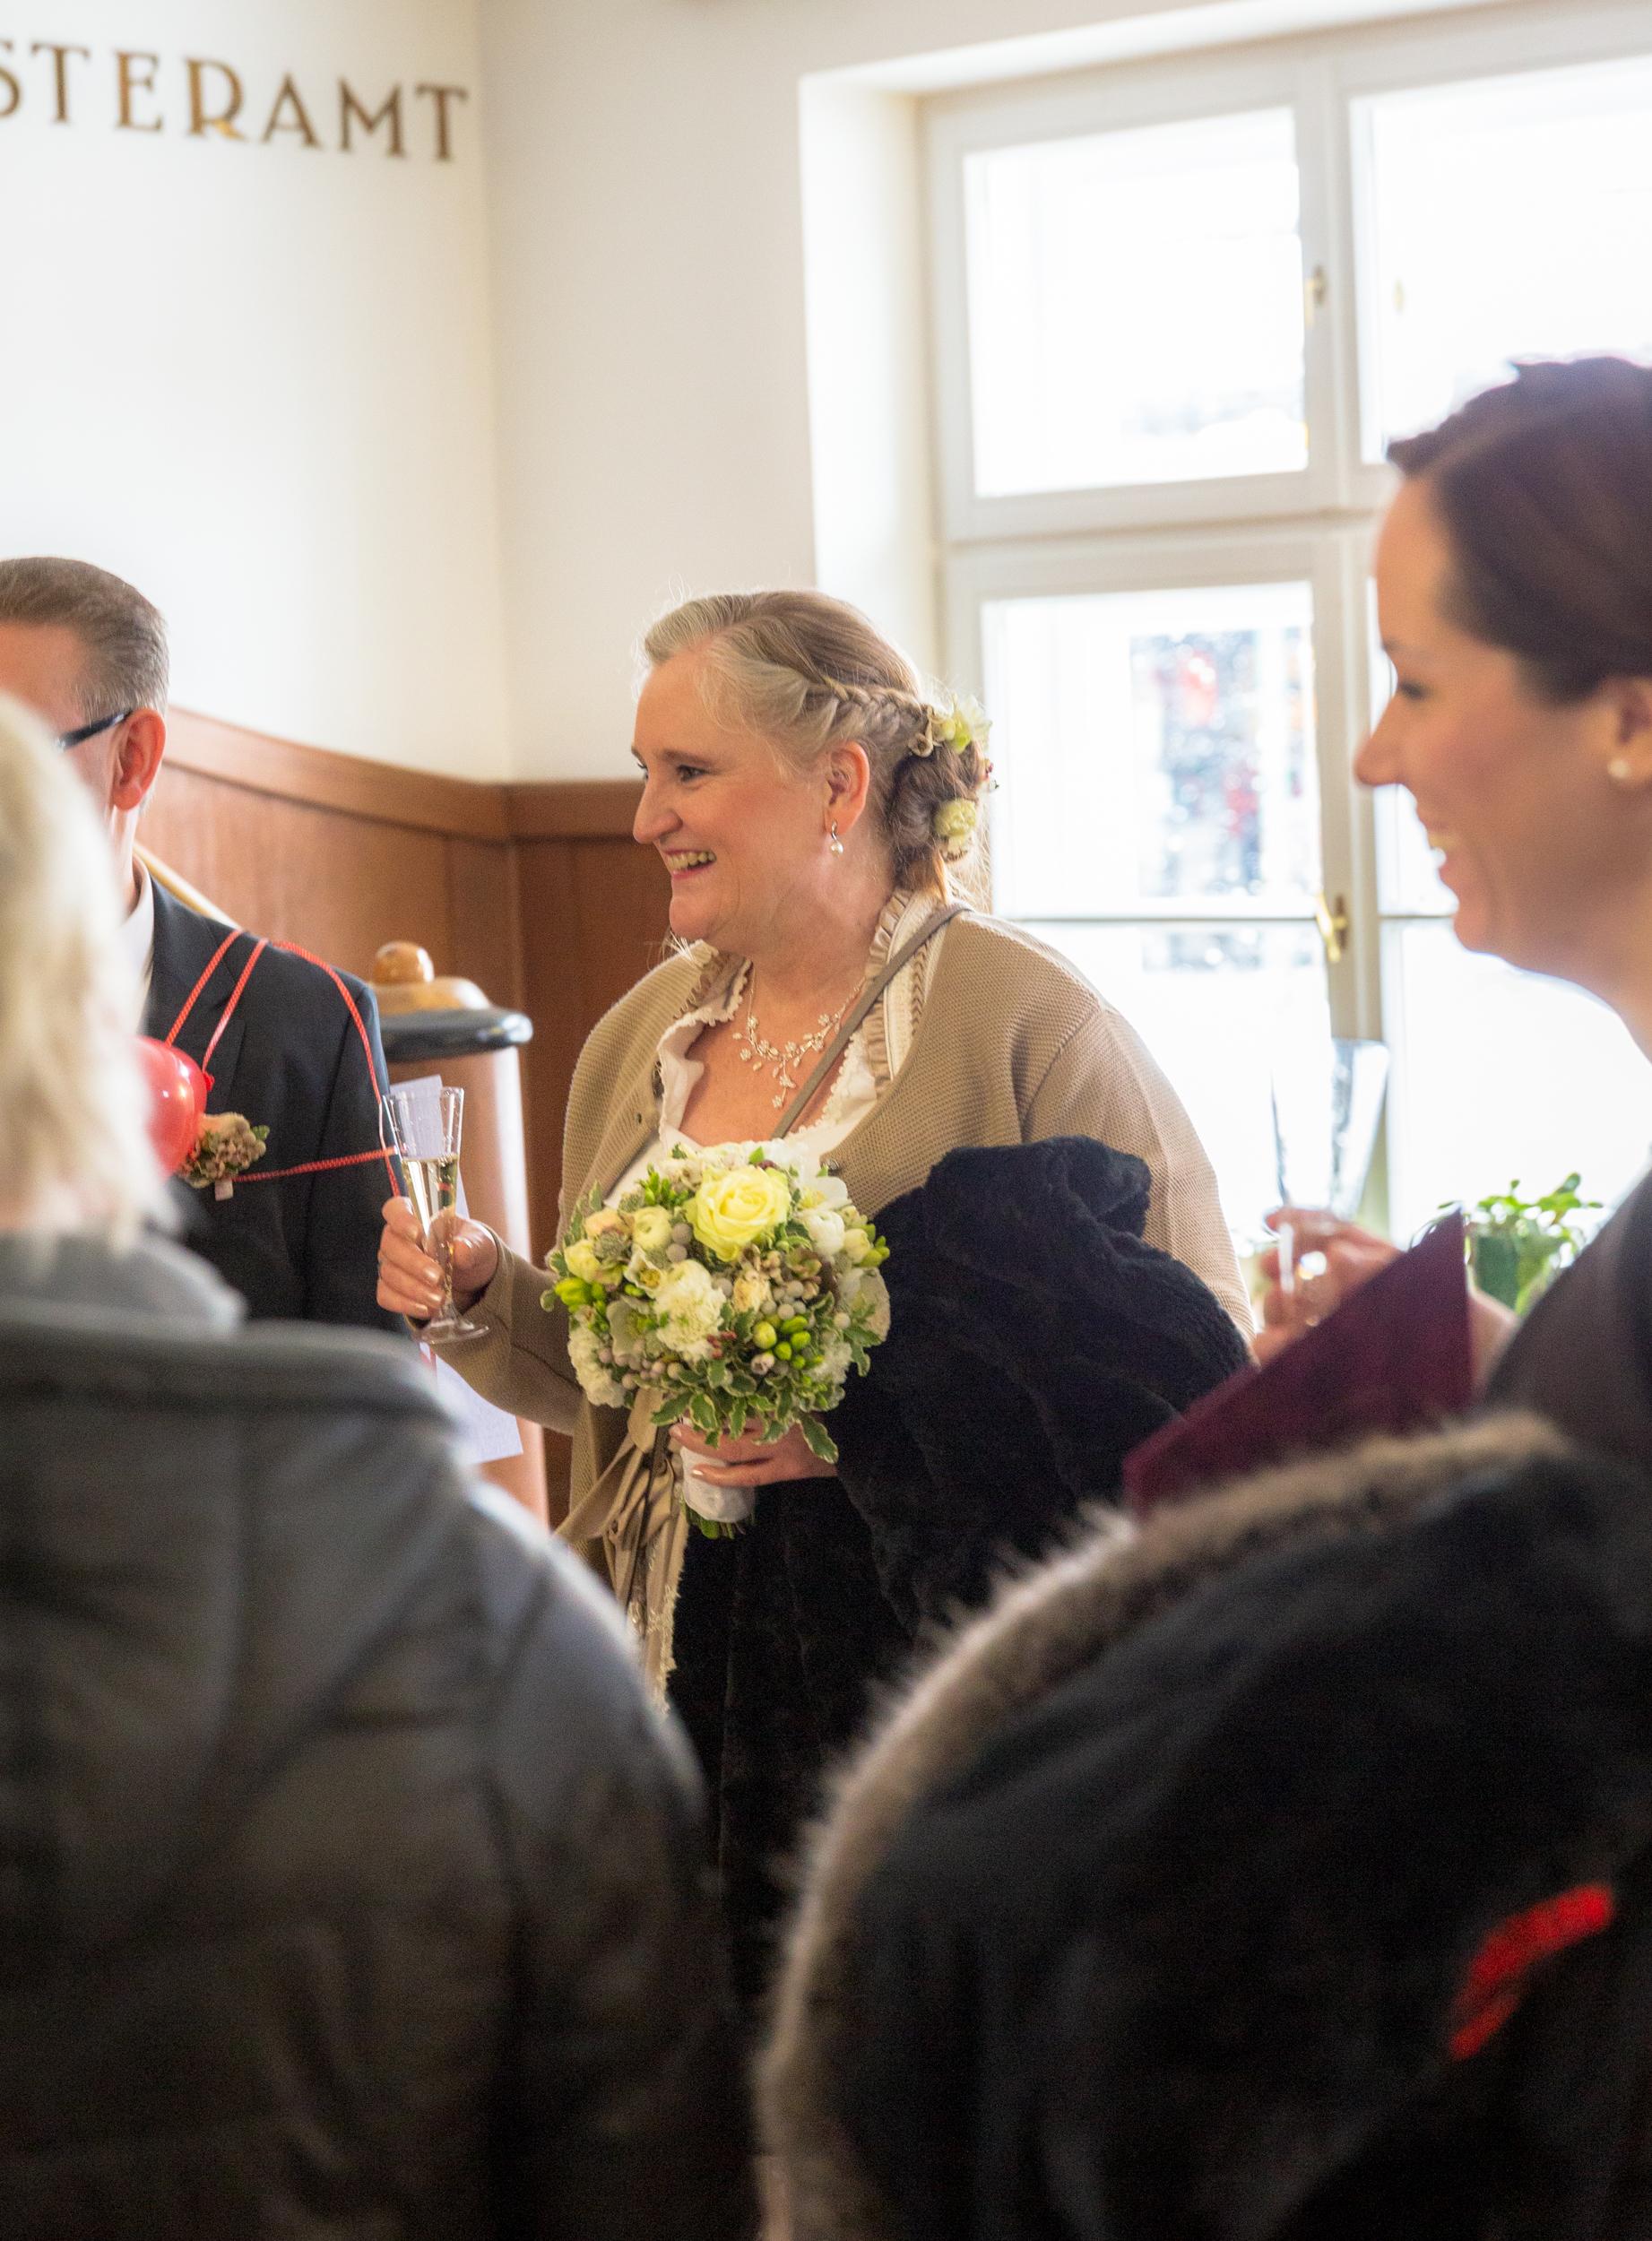 20190212_Hochzeit Koenig_0373.jpg